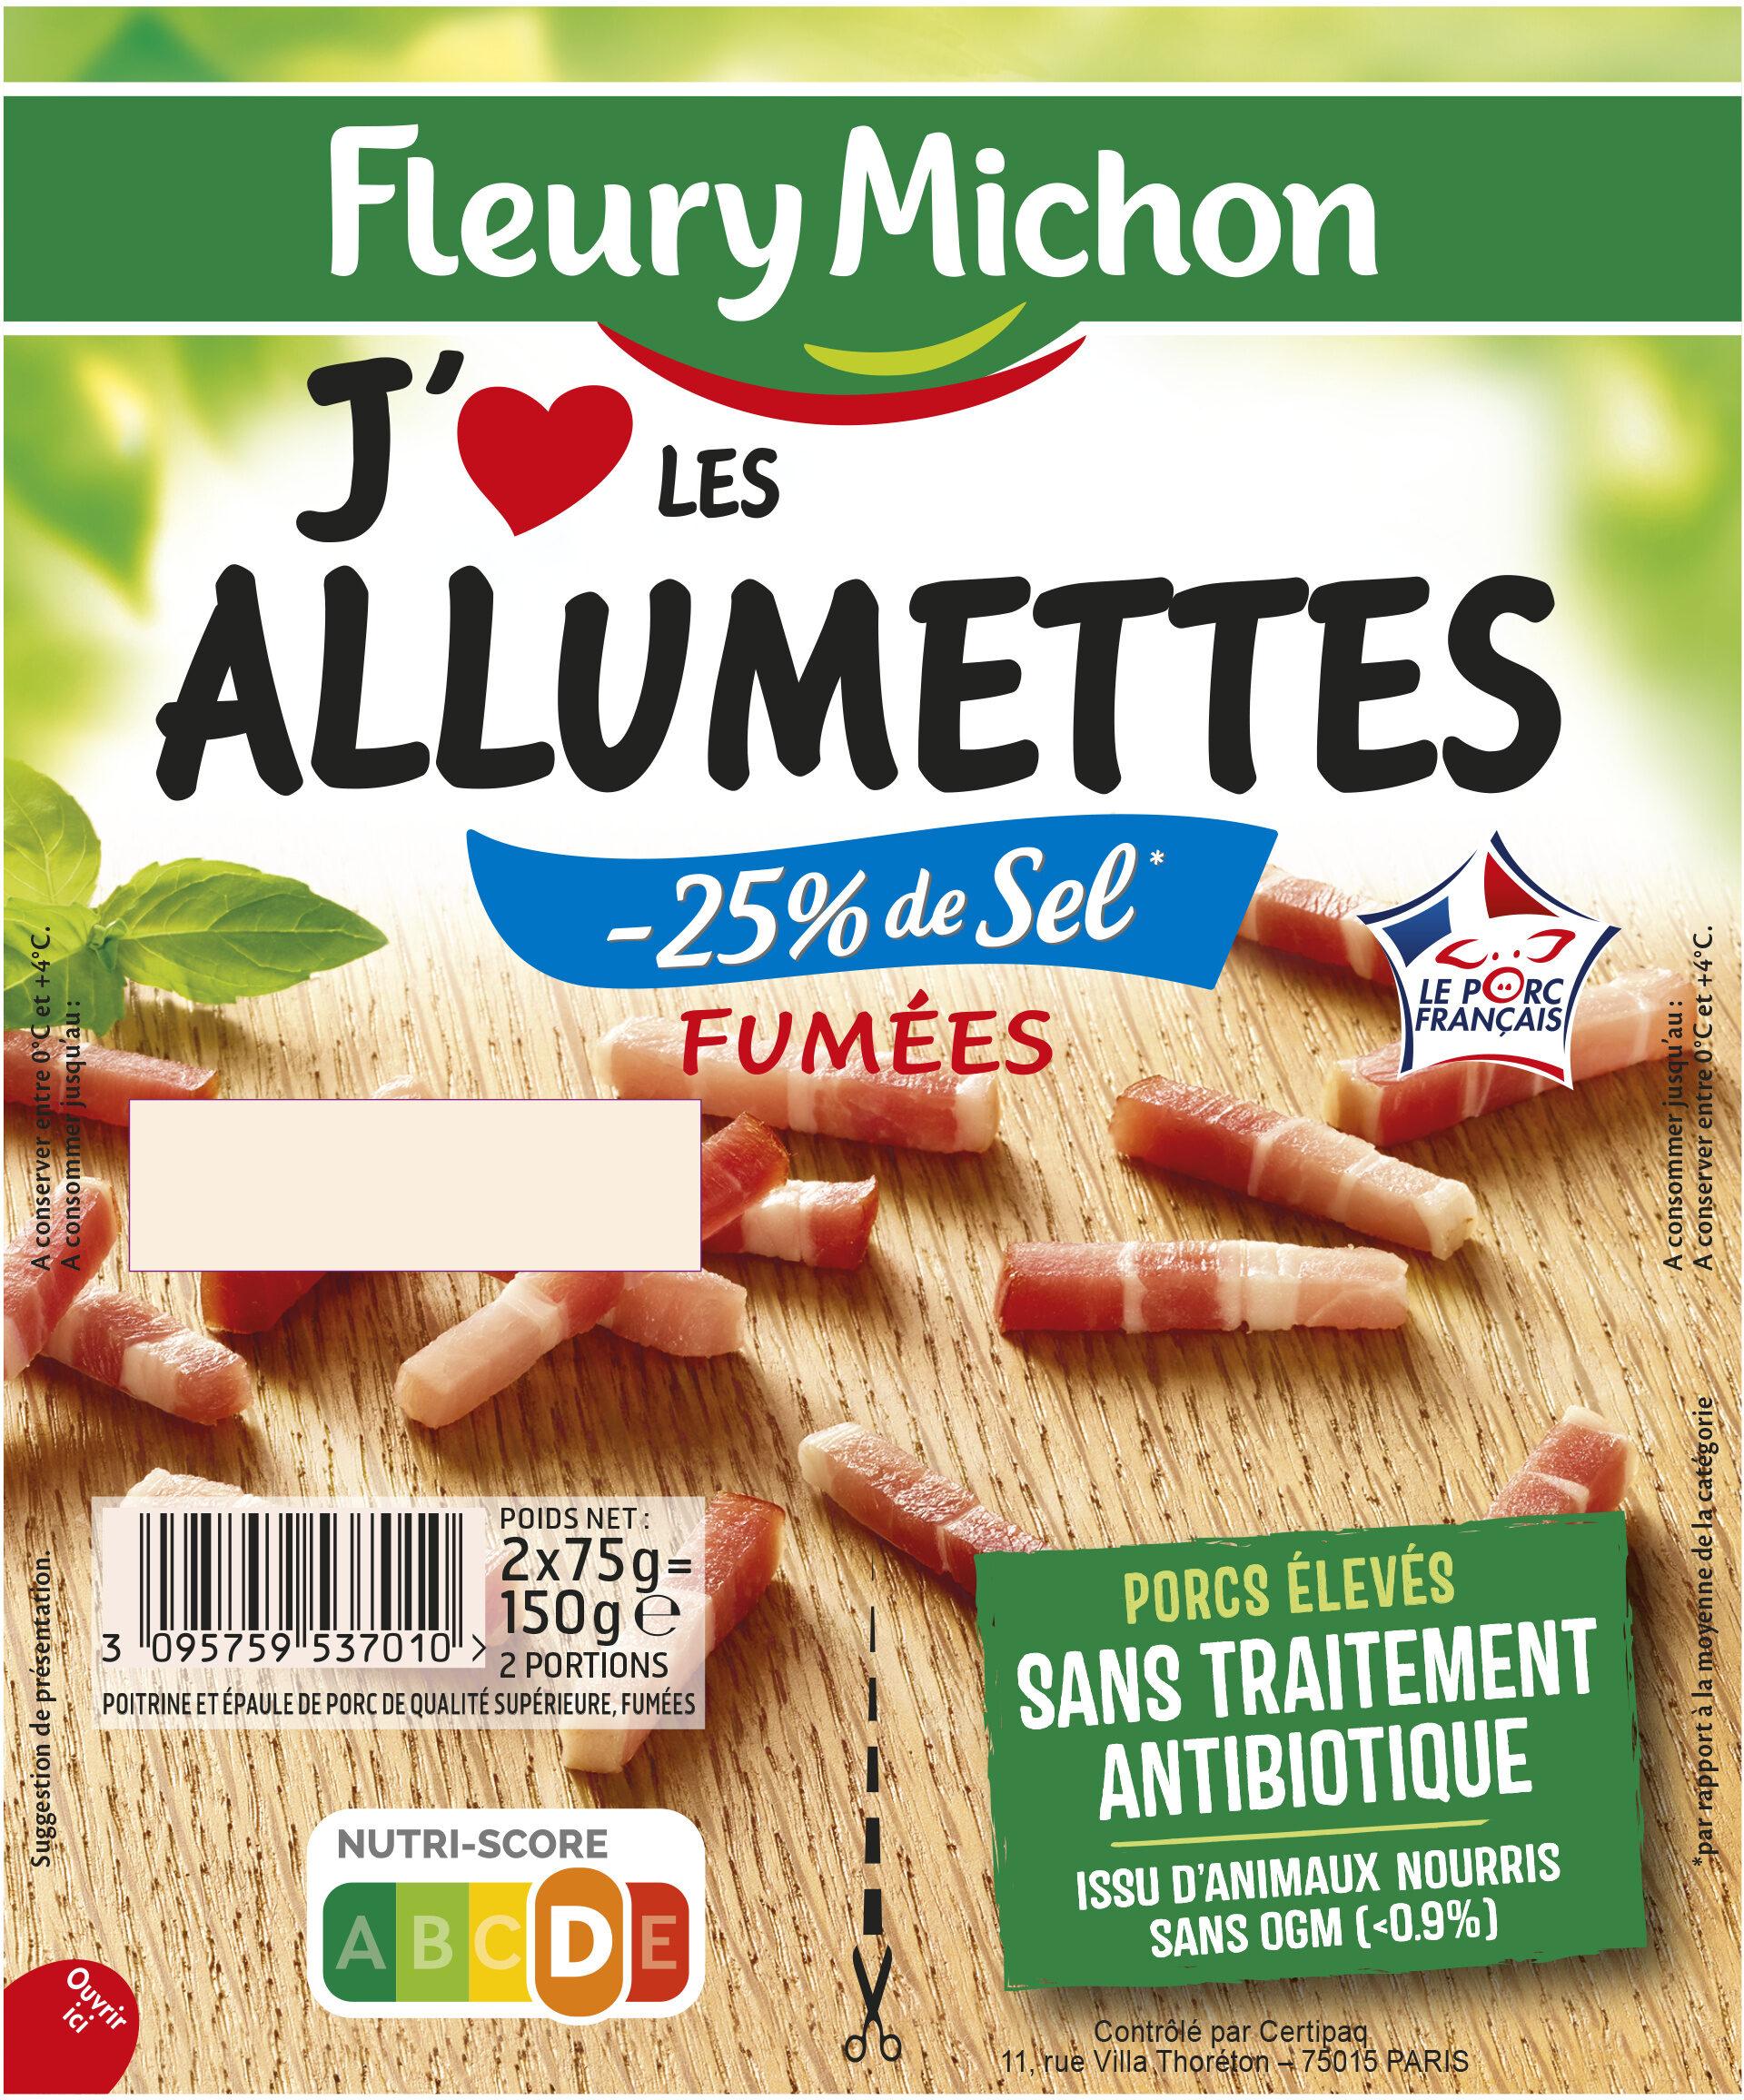 Allumettes J'aime Fumées -25% de sel* - Produit - fr